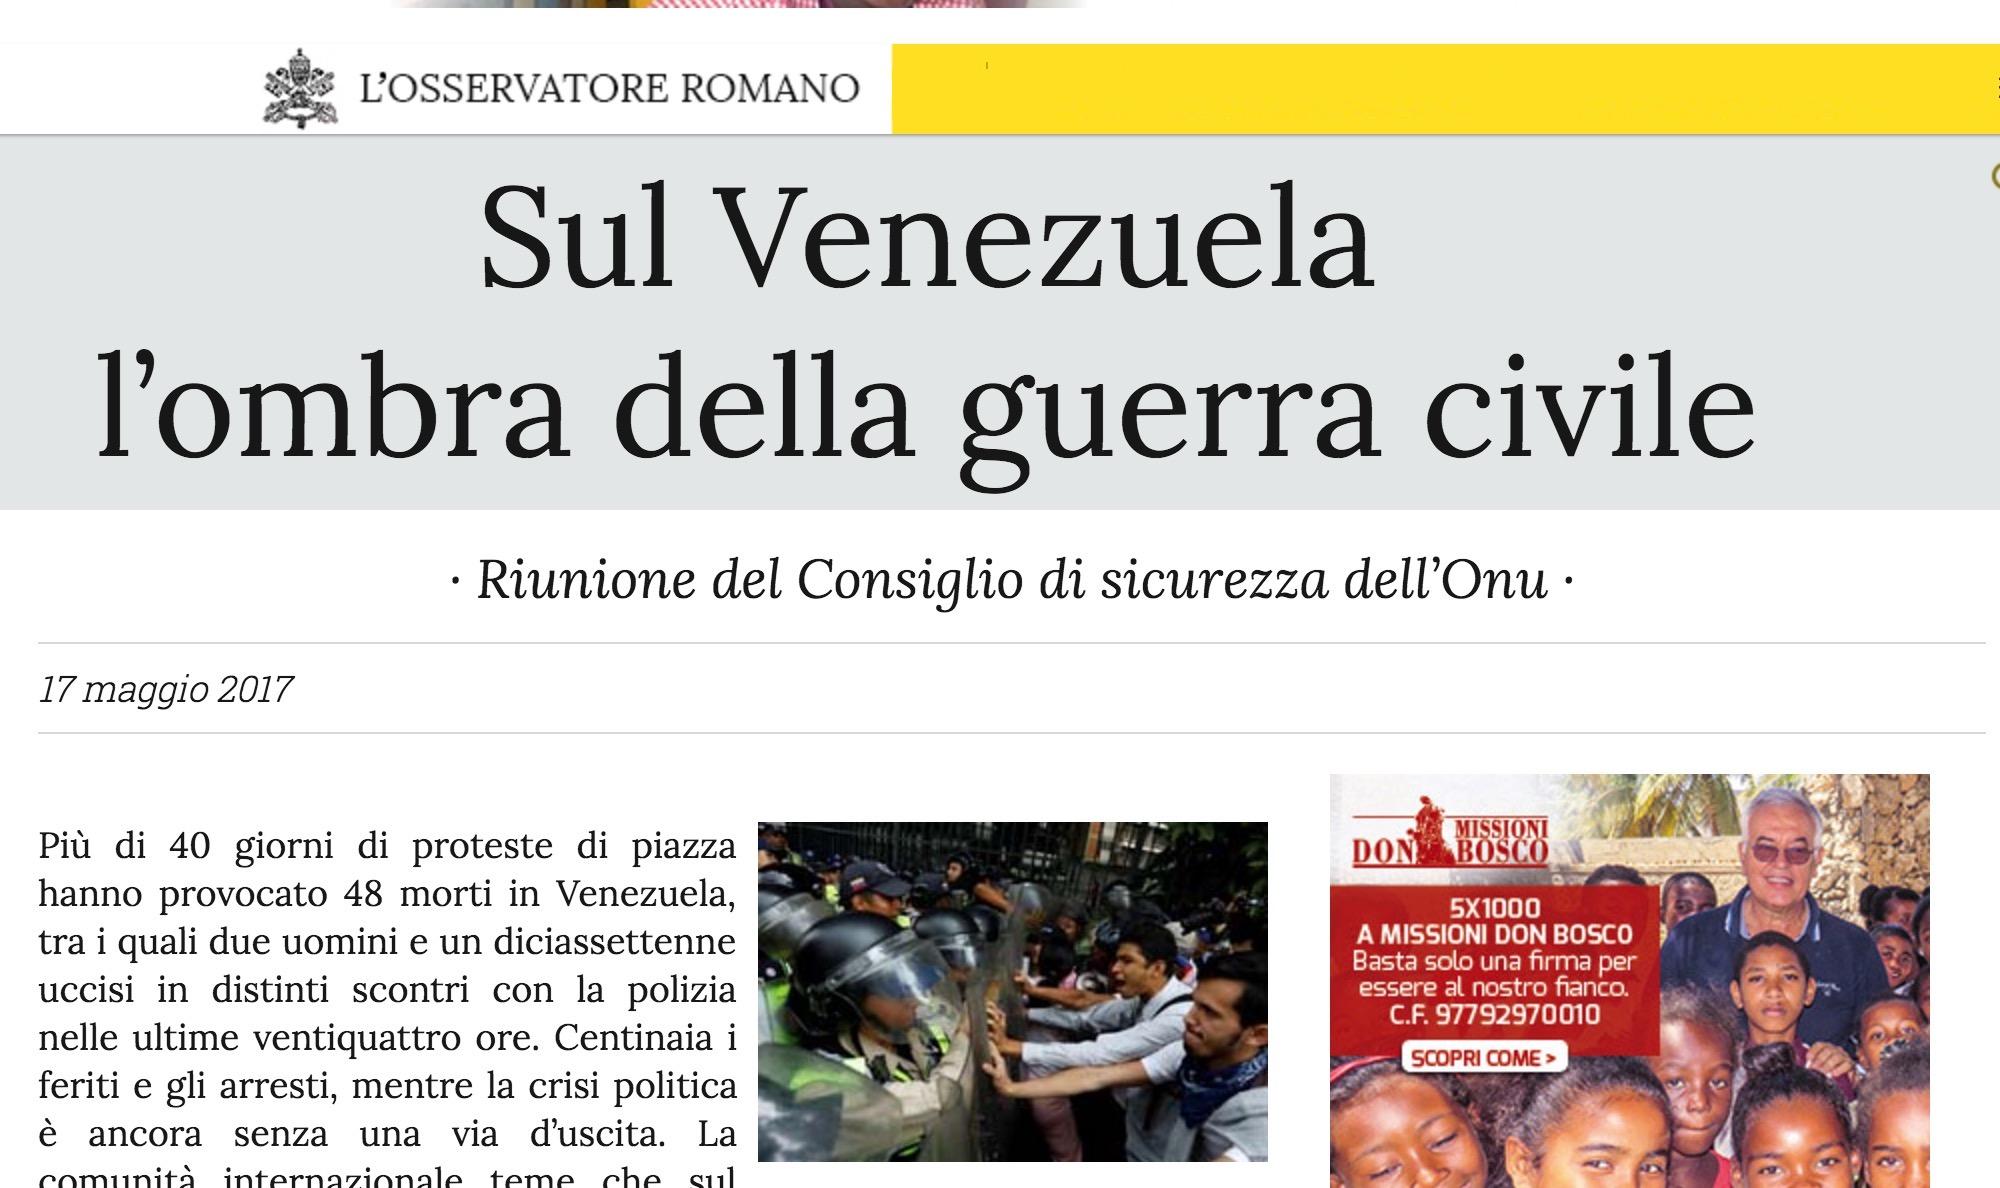 El artículo sobre Venezuela en L'Osservatore Romano